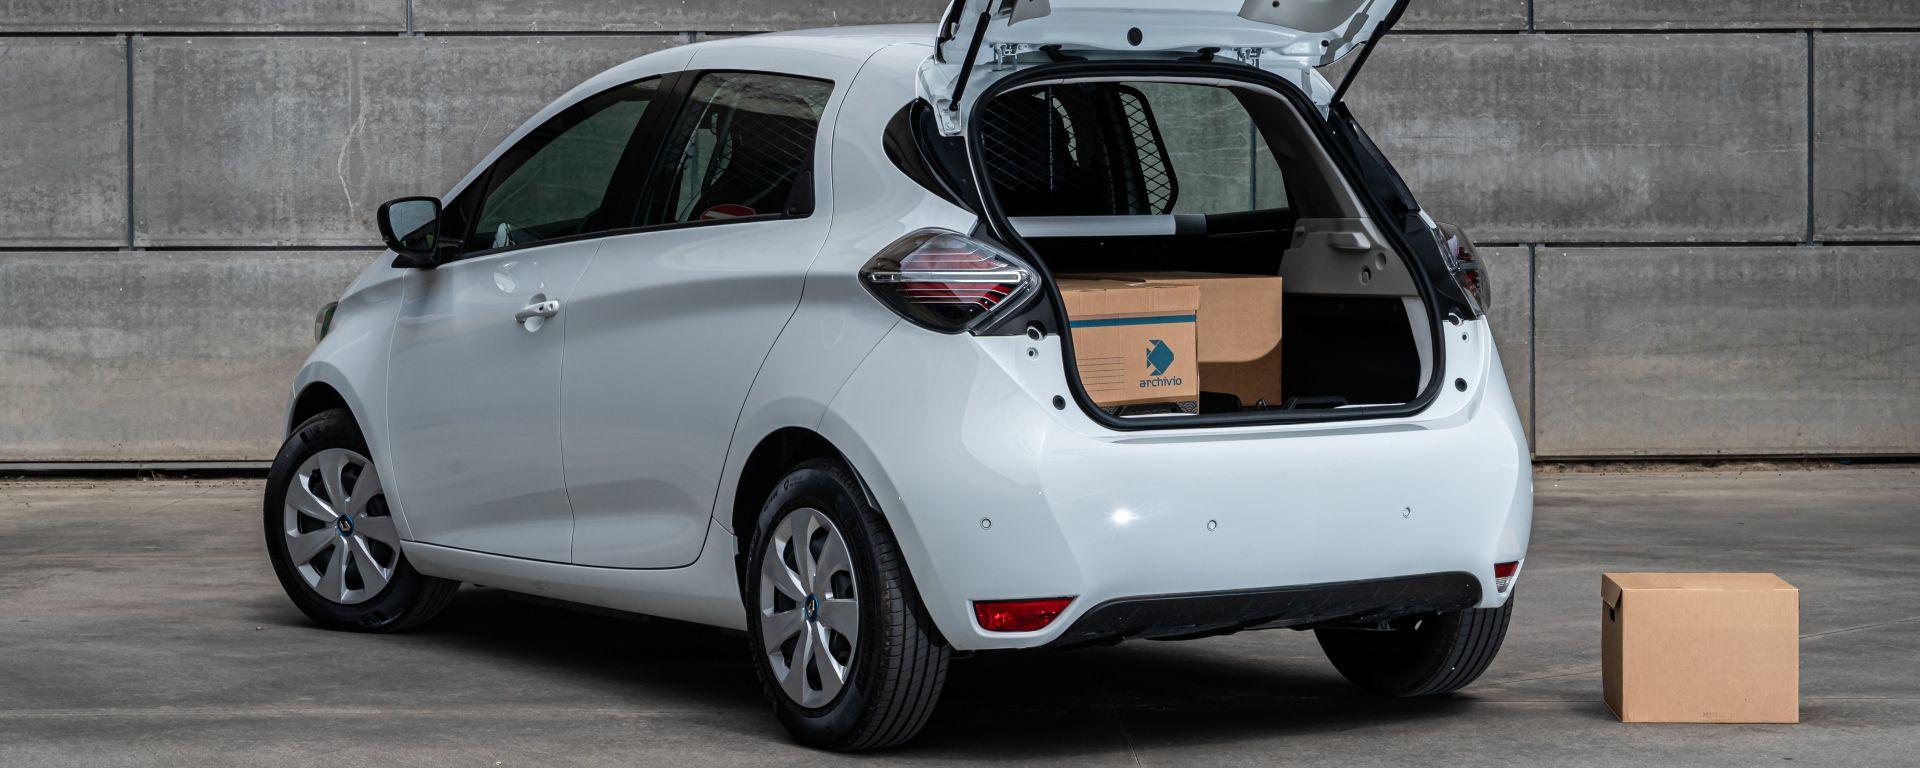 Renault Zoe Van, l'elettrica dei professionisti. Come cambia